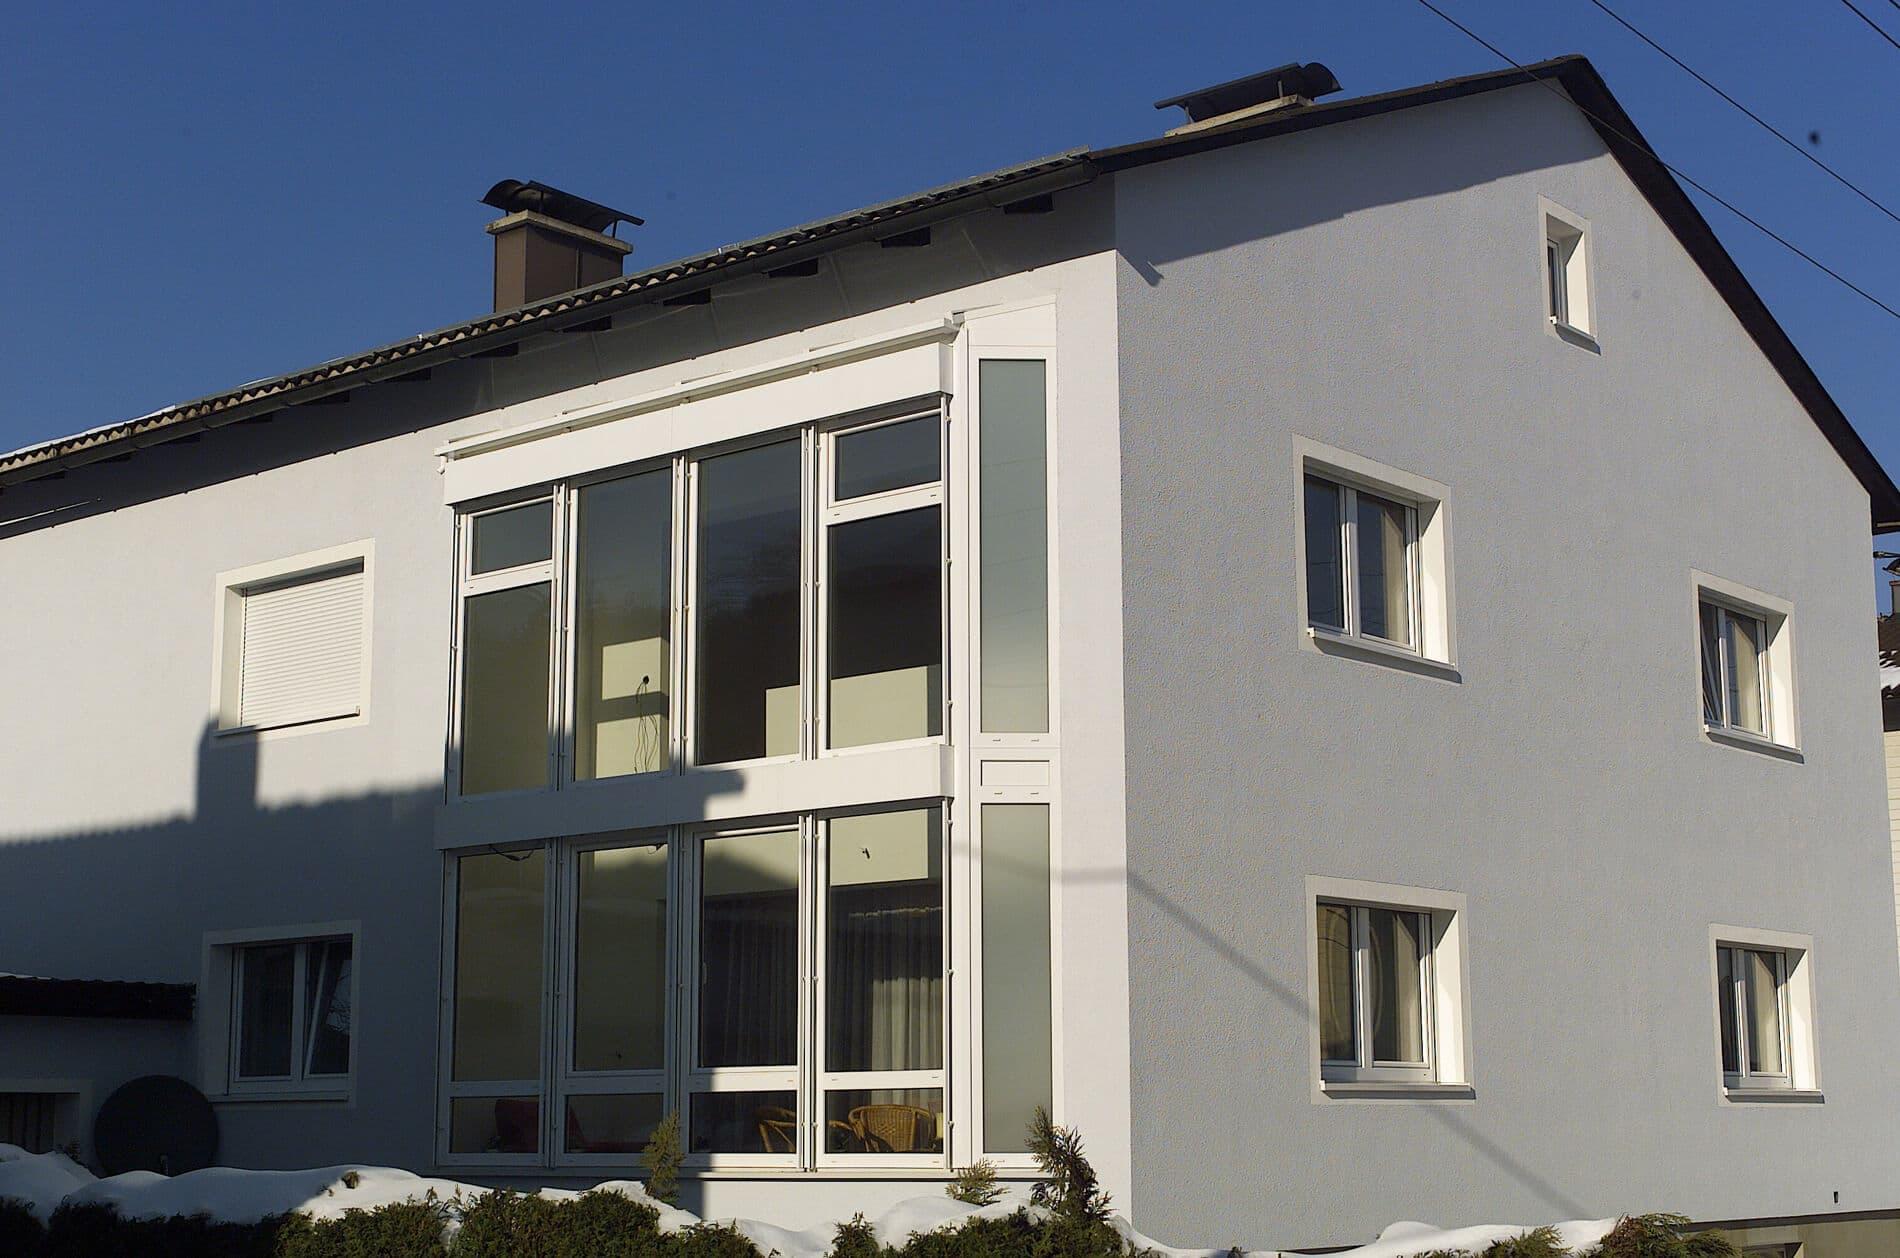 Wintergarten Balkon Anbau für Erd- und Obergeschoss